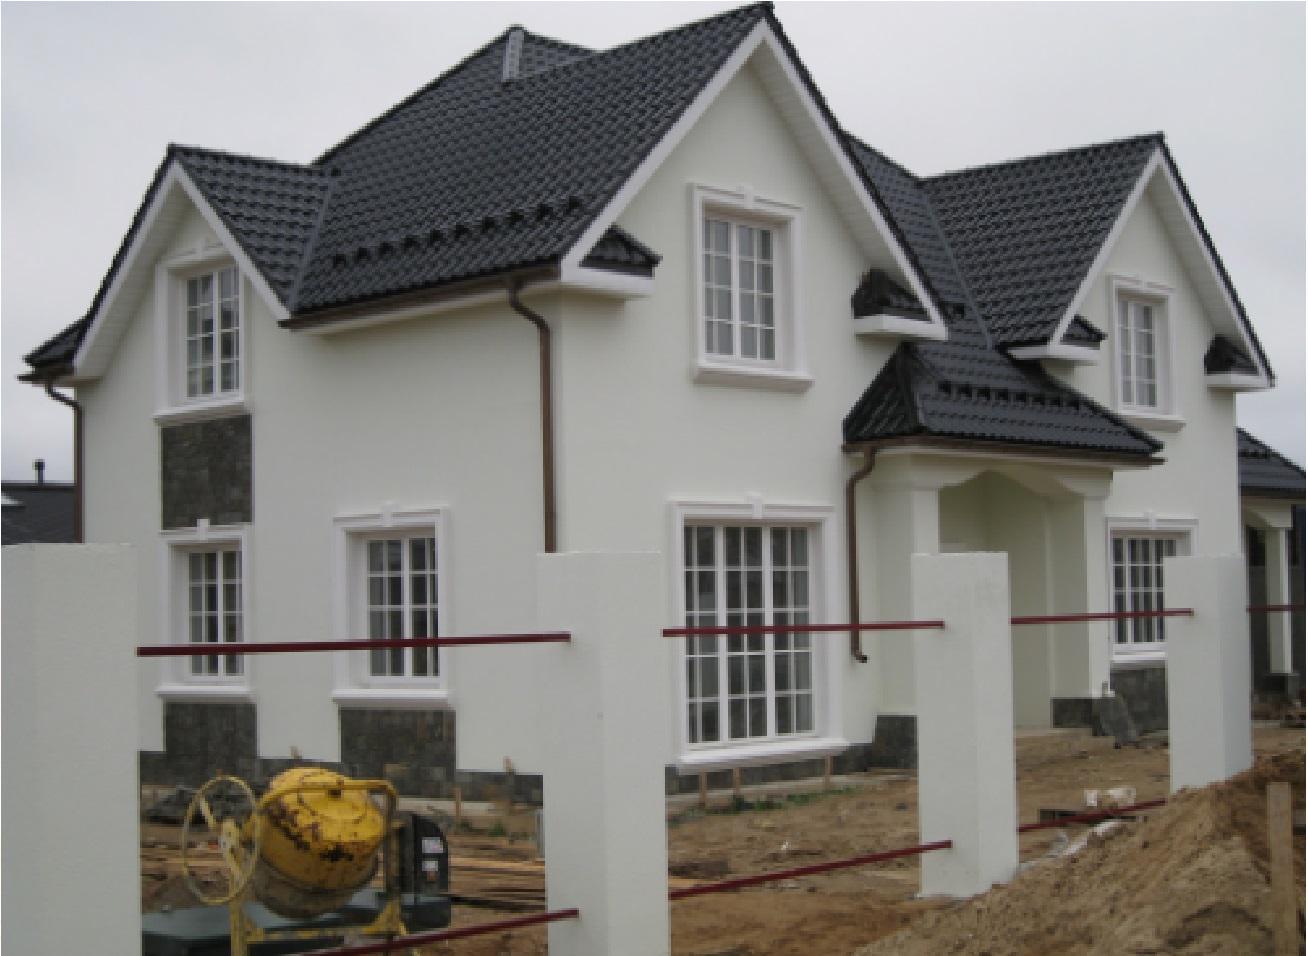 Как красиво оформить фасад дома Оборудование для